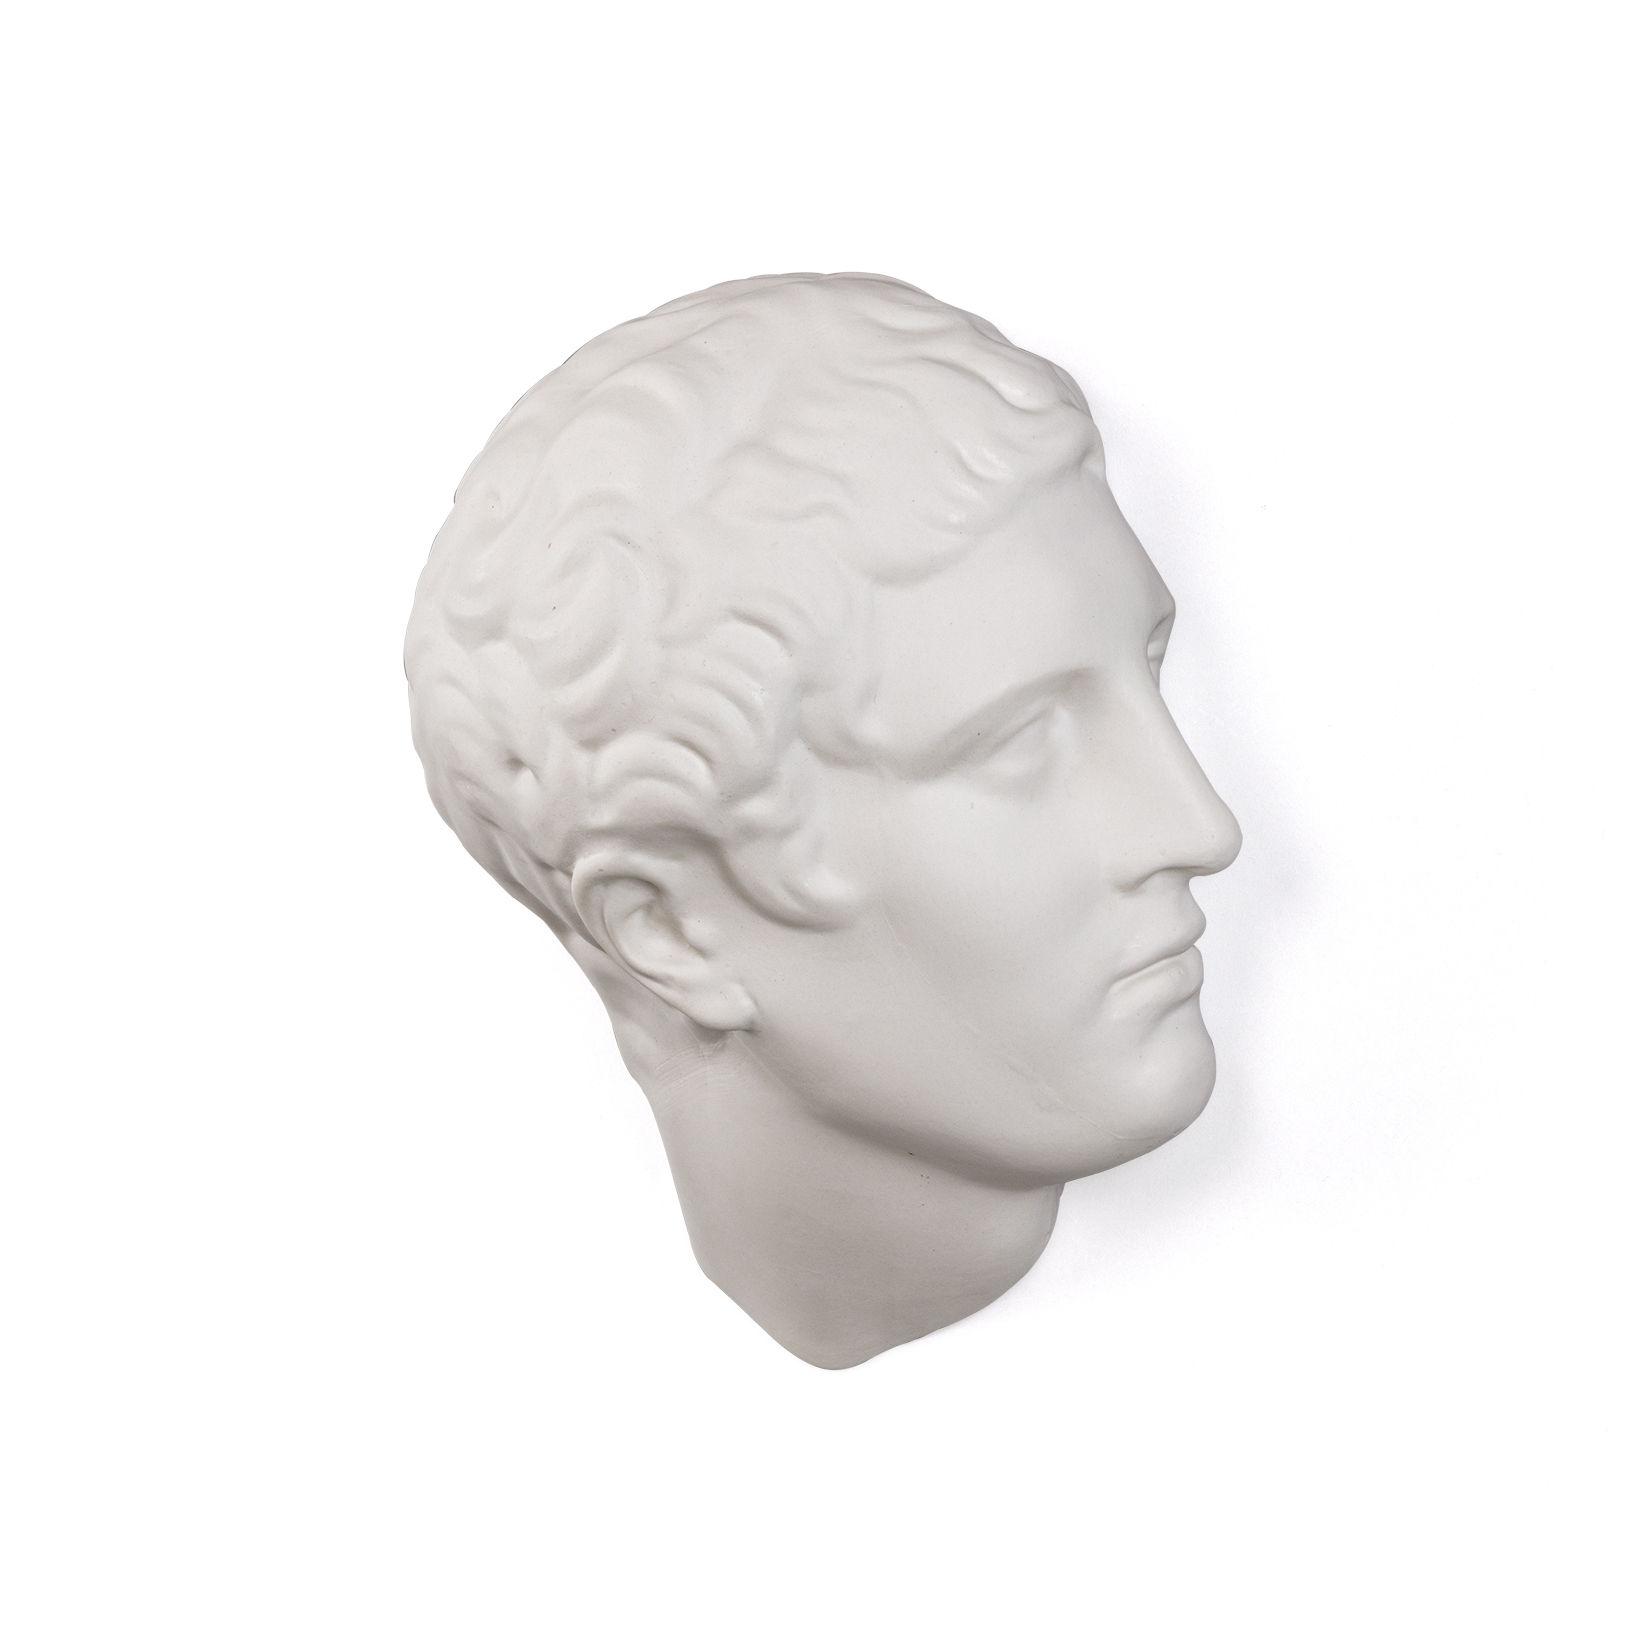 Interni - Oggetti déco - Decorazione Memorabilia Mvsevm - / Testa uomo - H 37 cm di Seletti - Testa uomo / Bianco - Porcellana